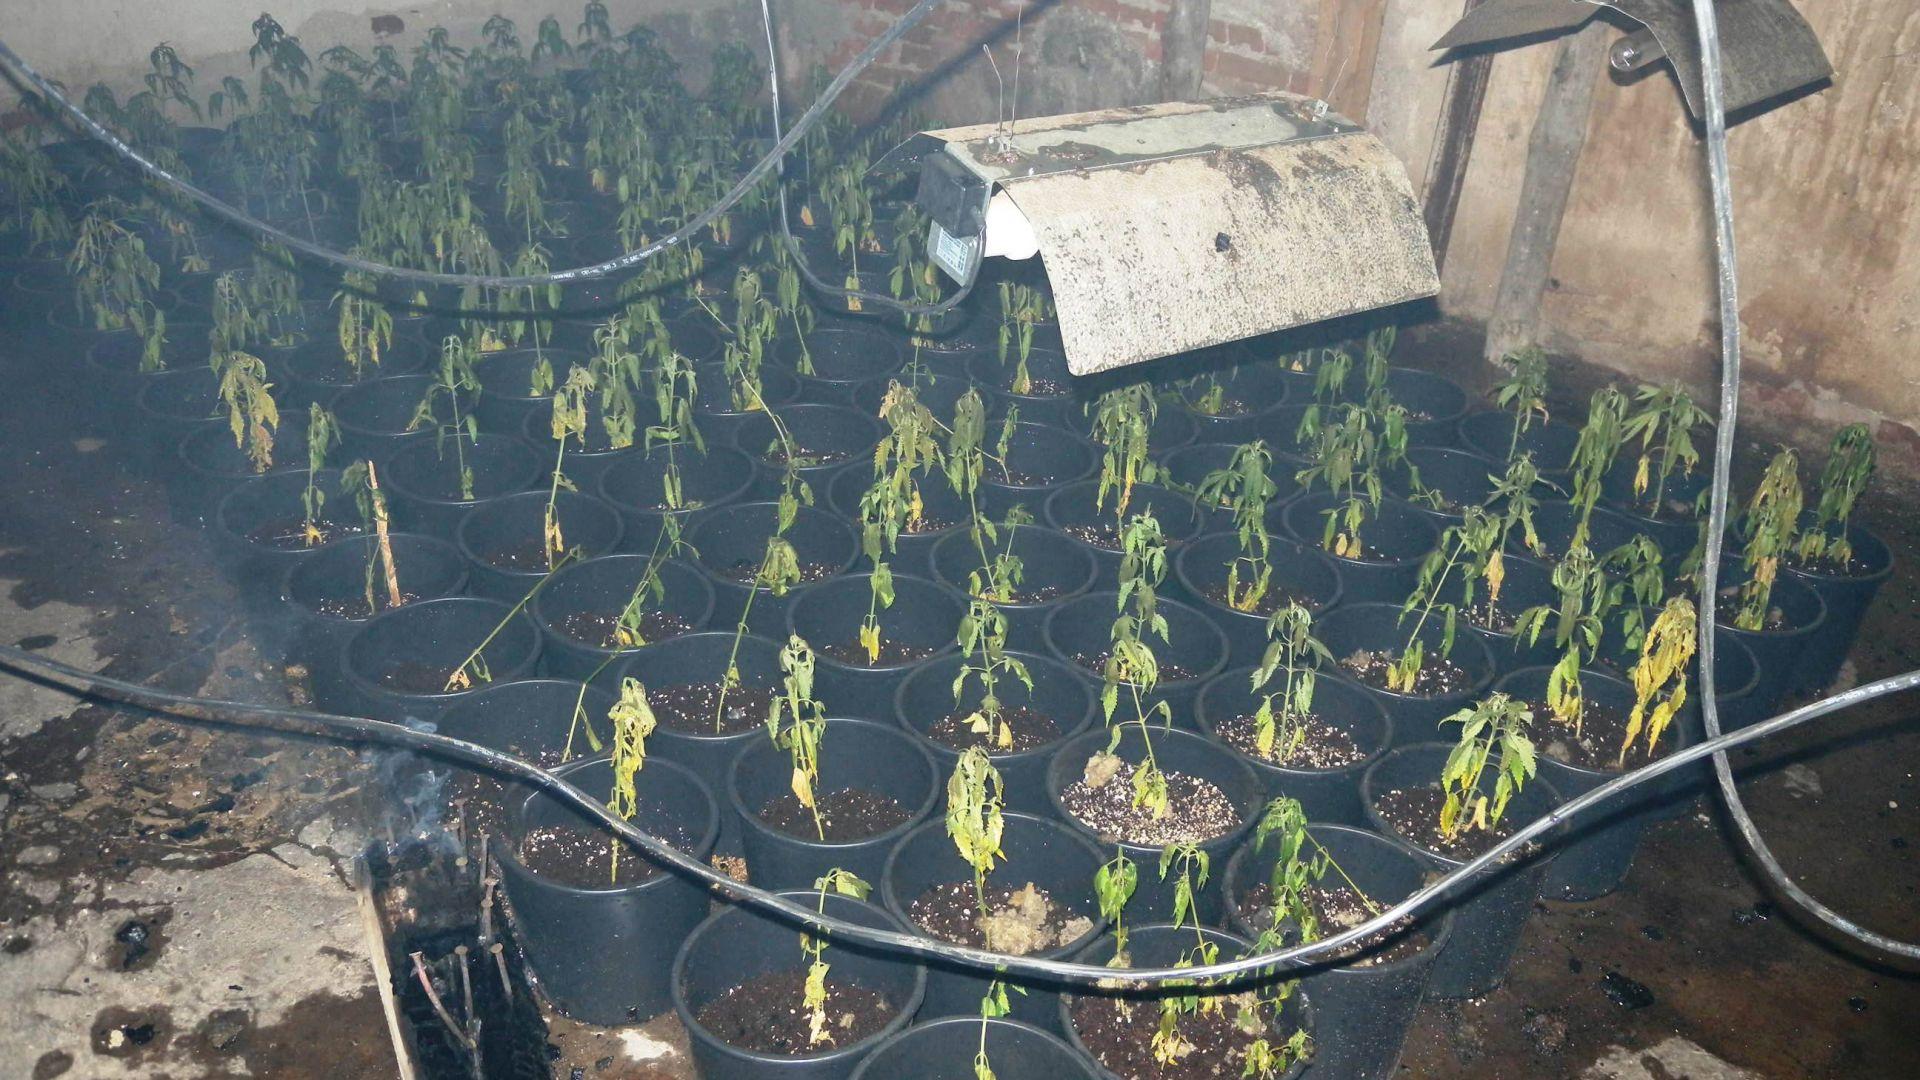 Откриха наркооранжерия, маскирана като дърводелски цех